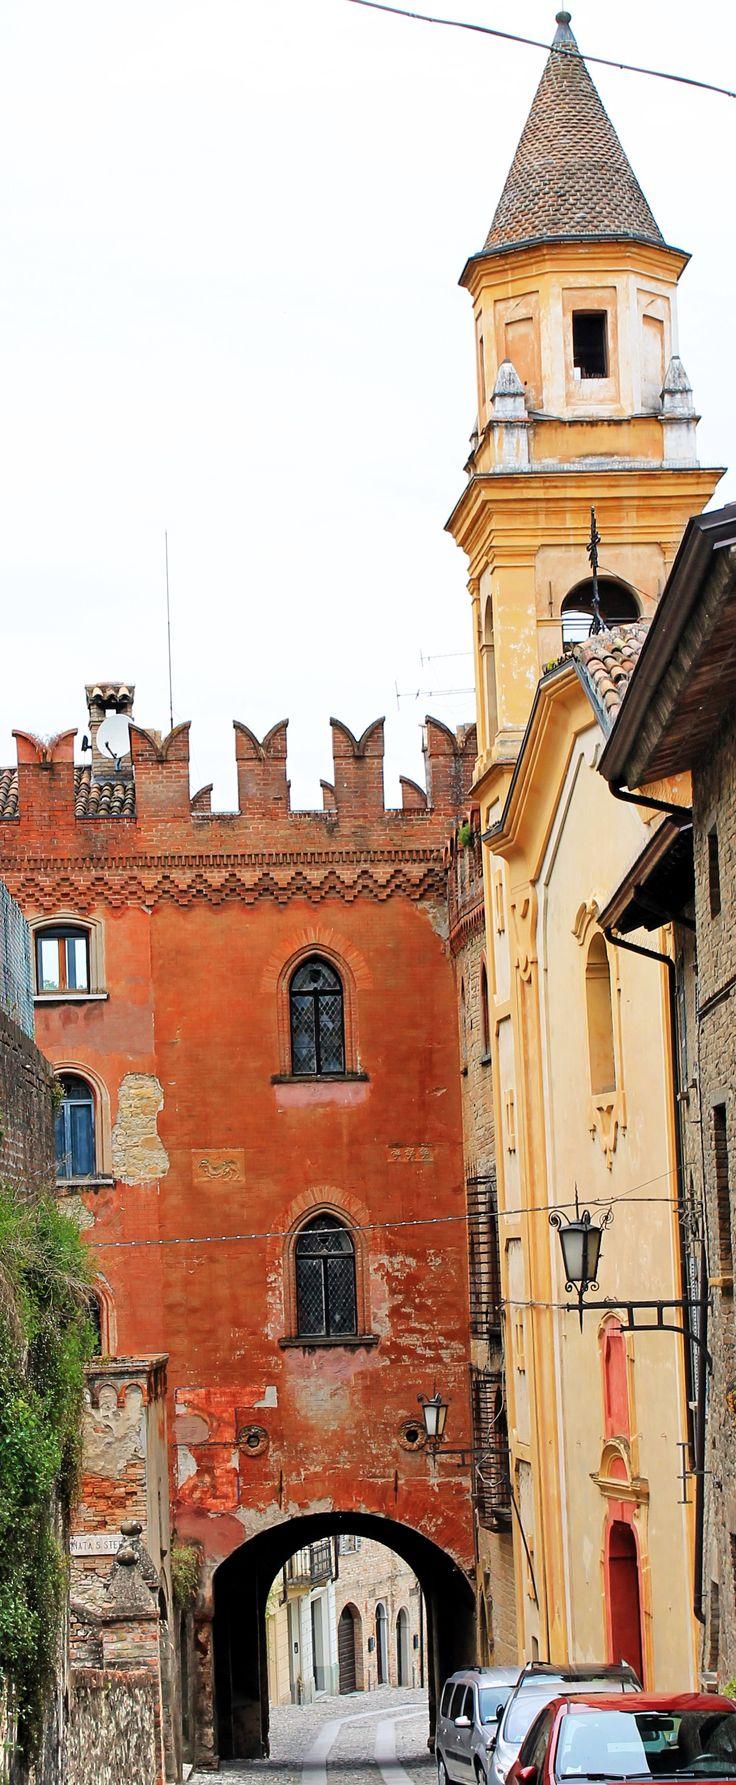 CASTELL'ARQUATO (Emilia-Romagna)- Italy - by Guido Tosatto